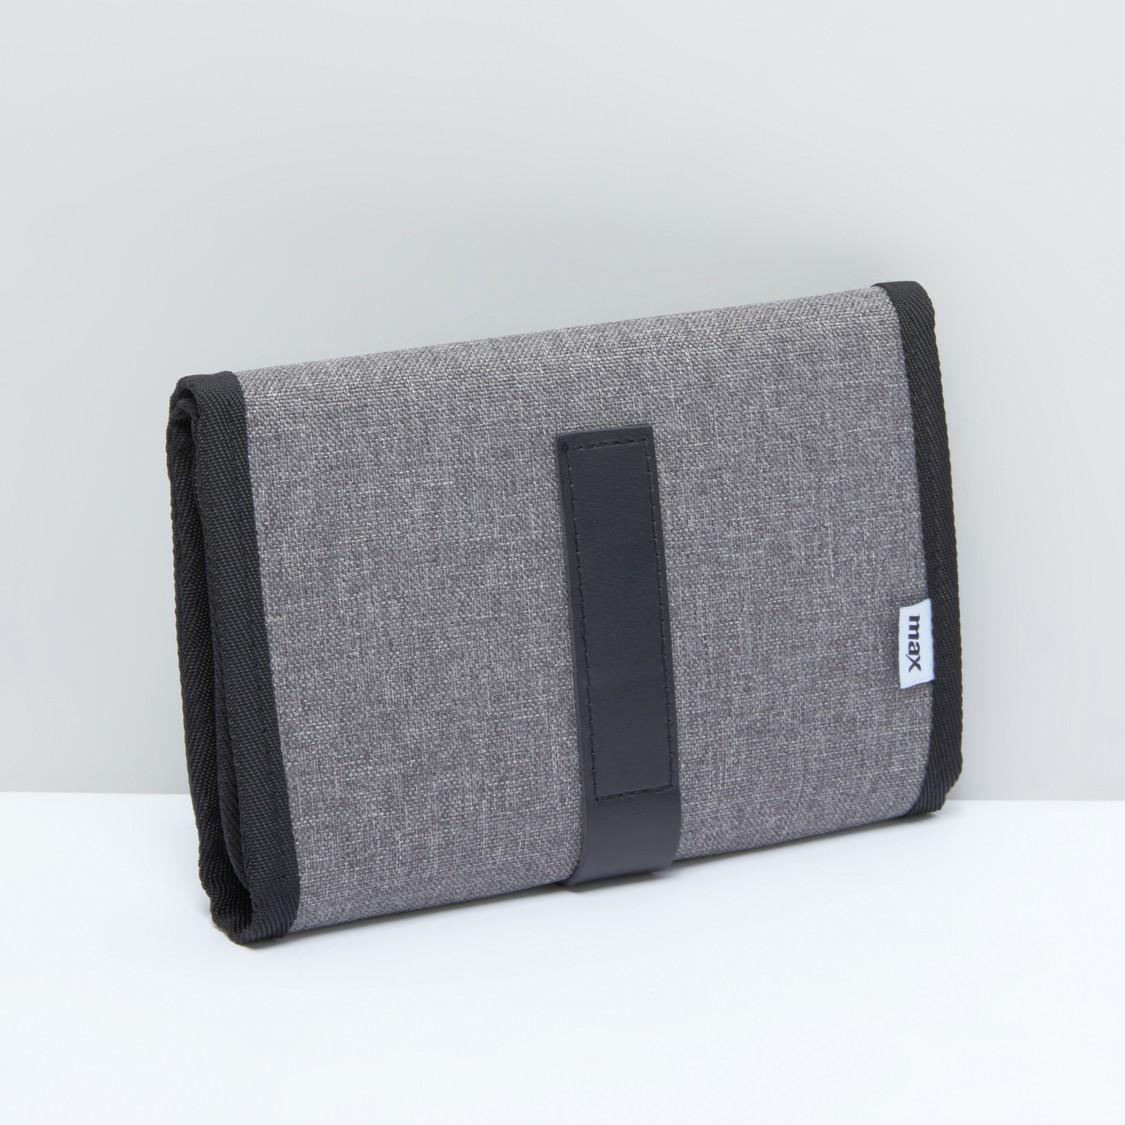 حقيبة تخزين ملحقات إلكترونية متعددة الفتحات